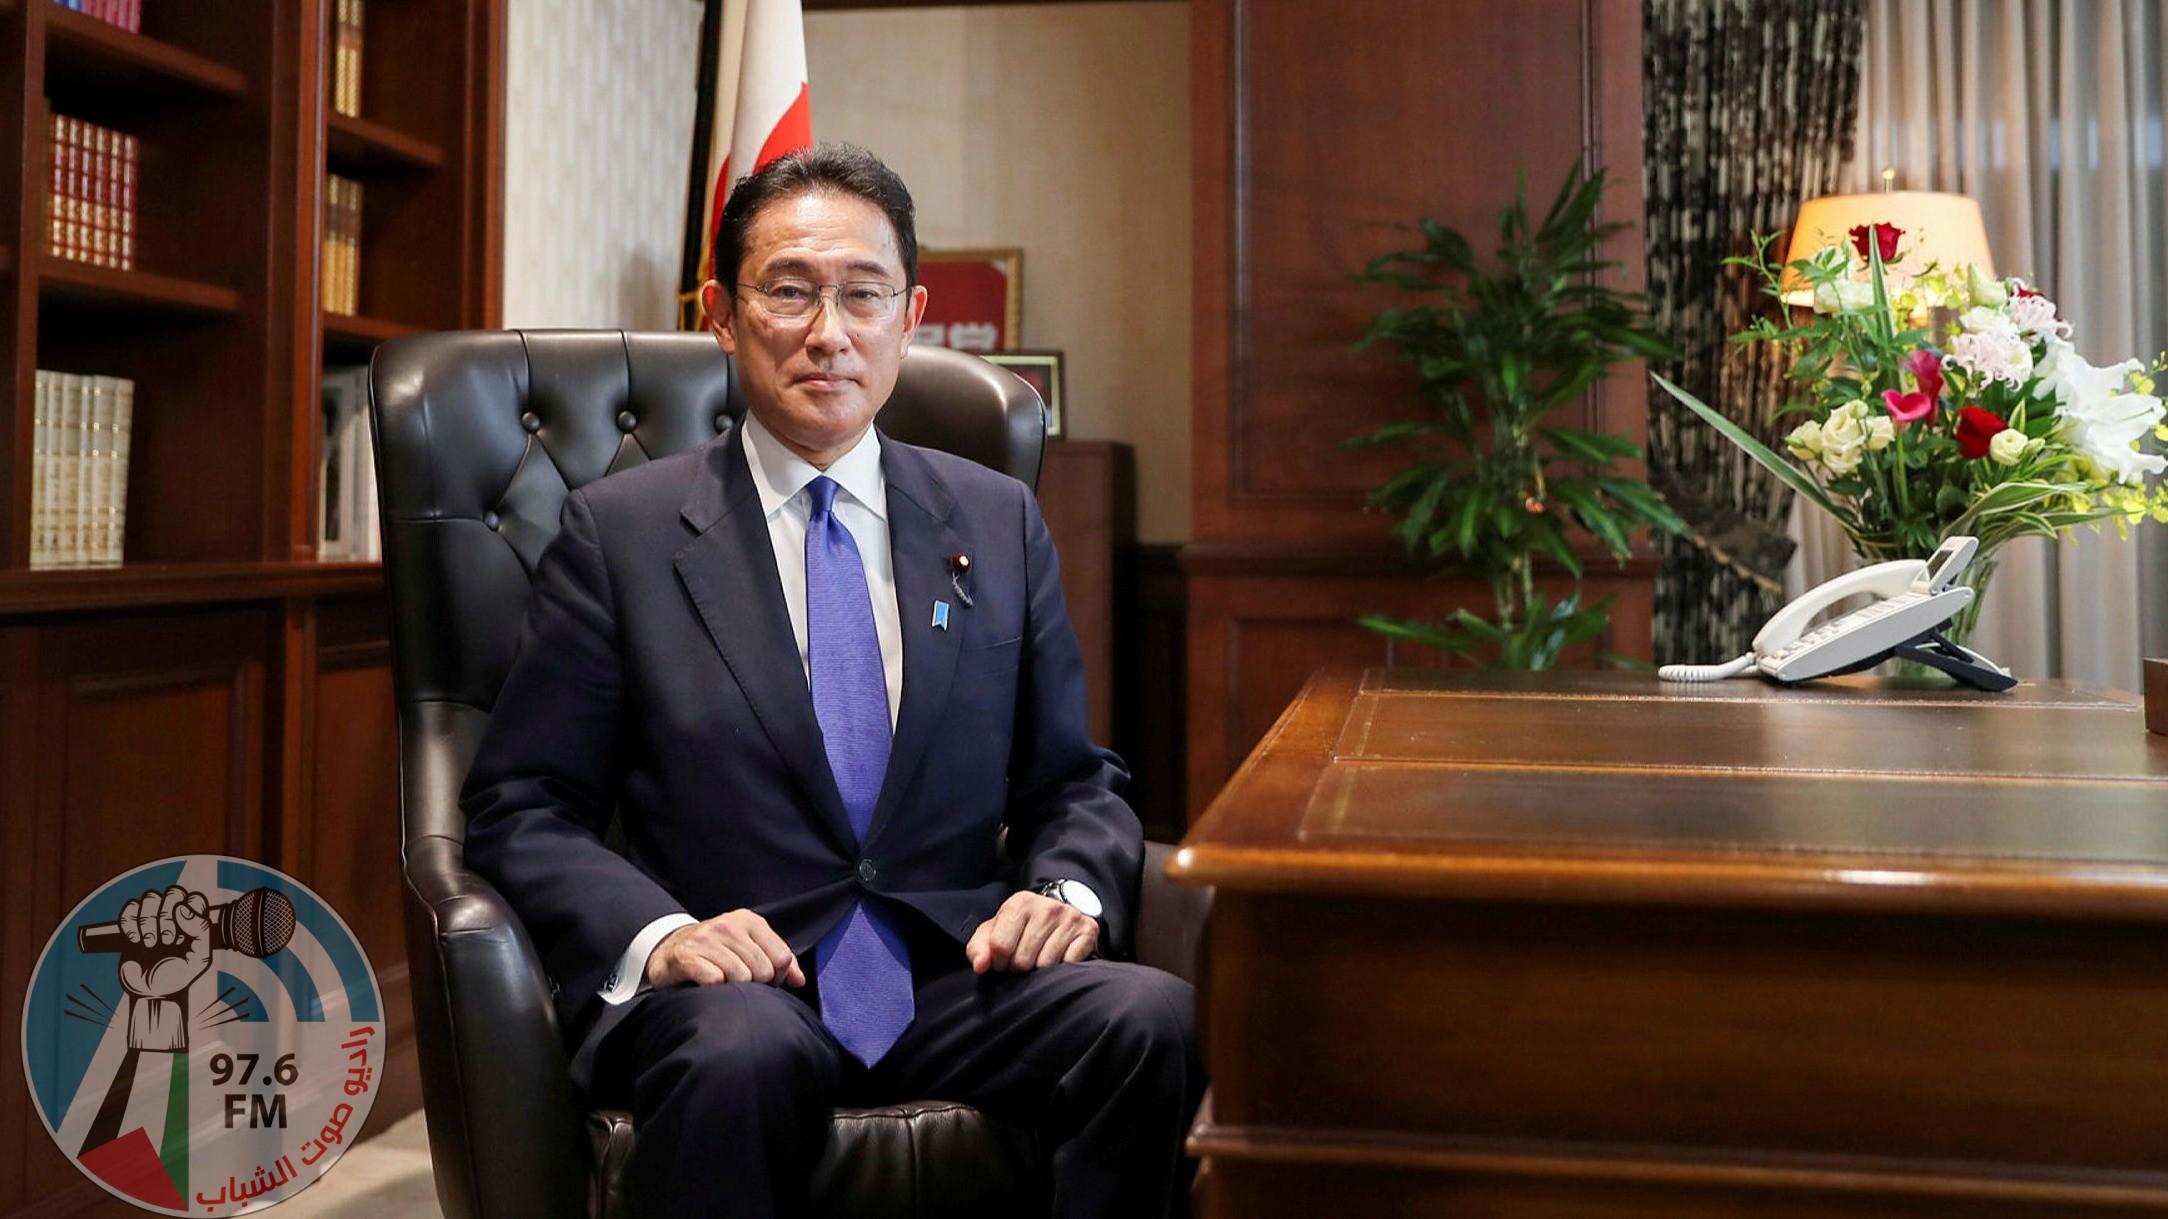 اليابان تعتزم التفاوض مع روسيا على أساس الاتفاقيات القائمة